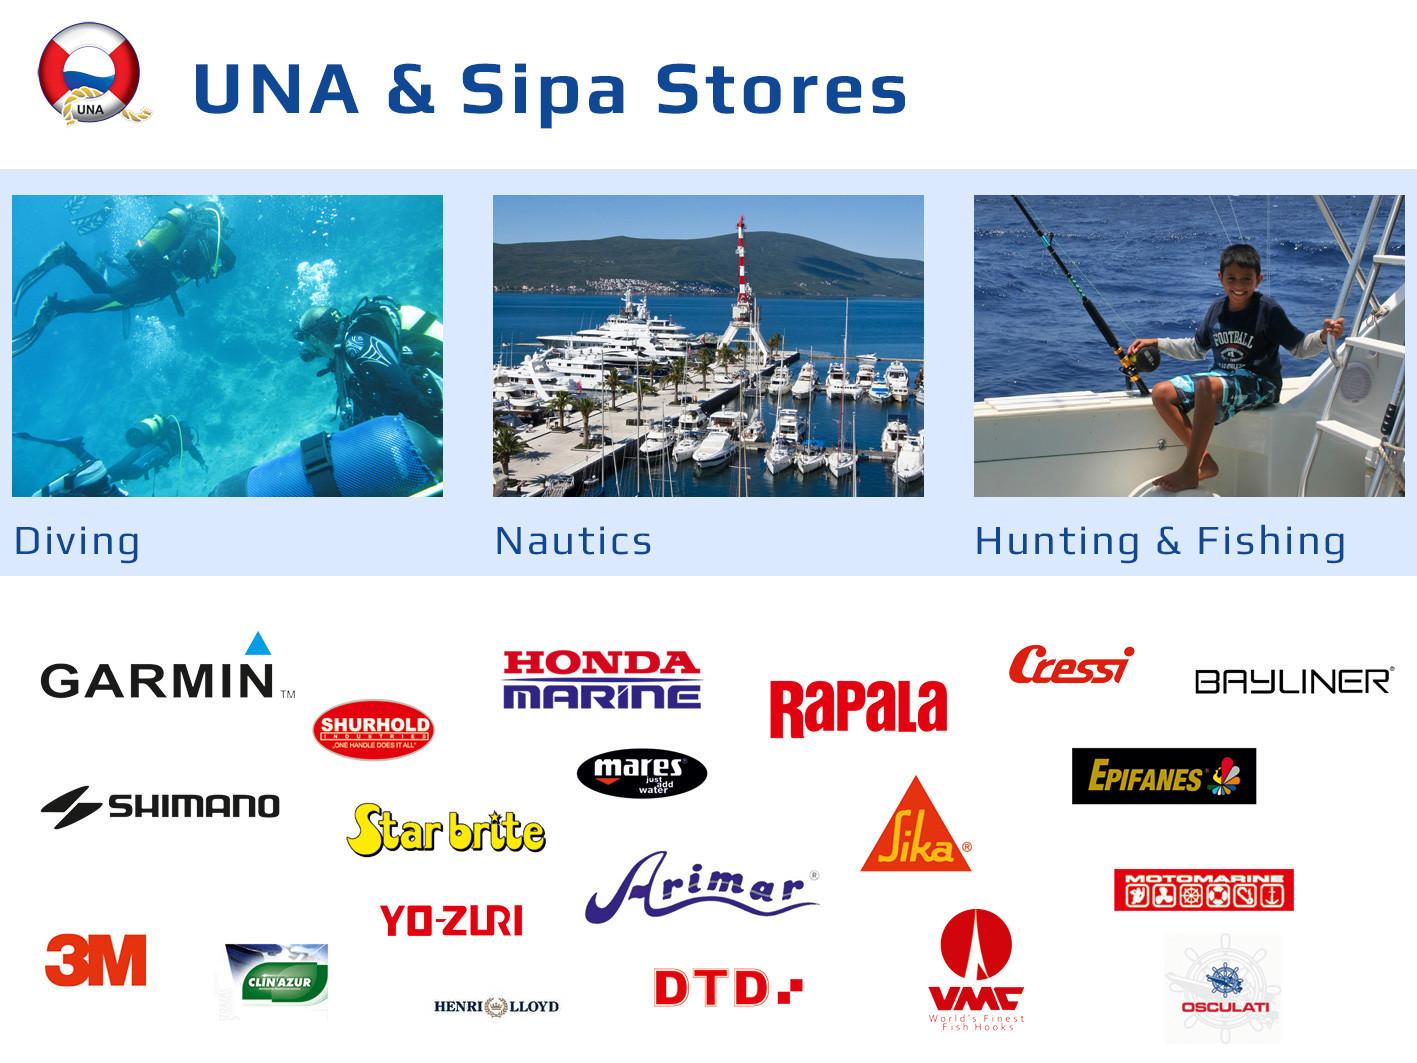 UNA & Sipa Stores